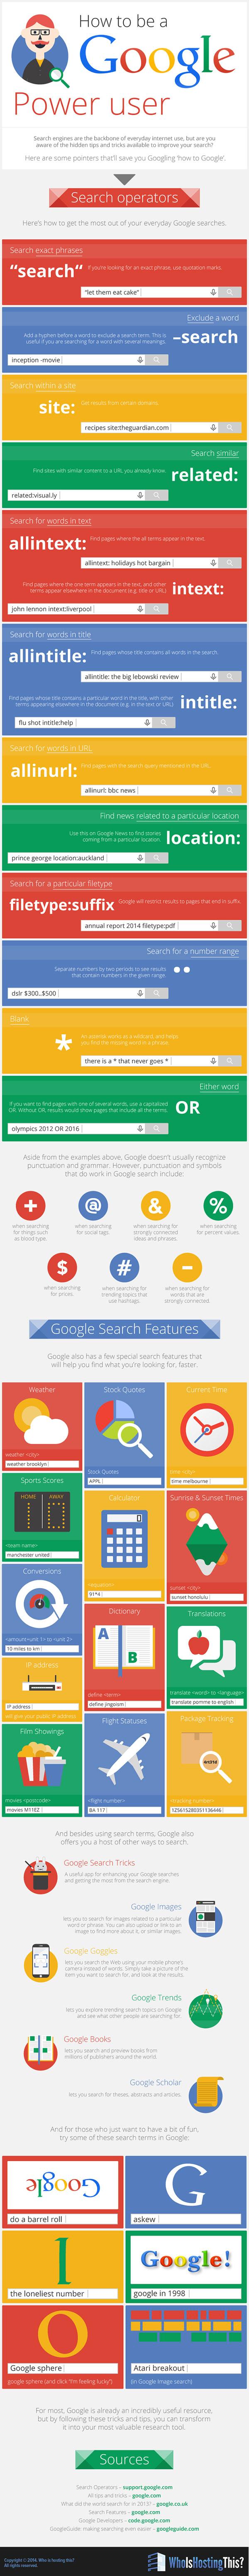 Effectiever-zoeken-in-Google-tips-trics-infographic